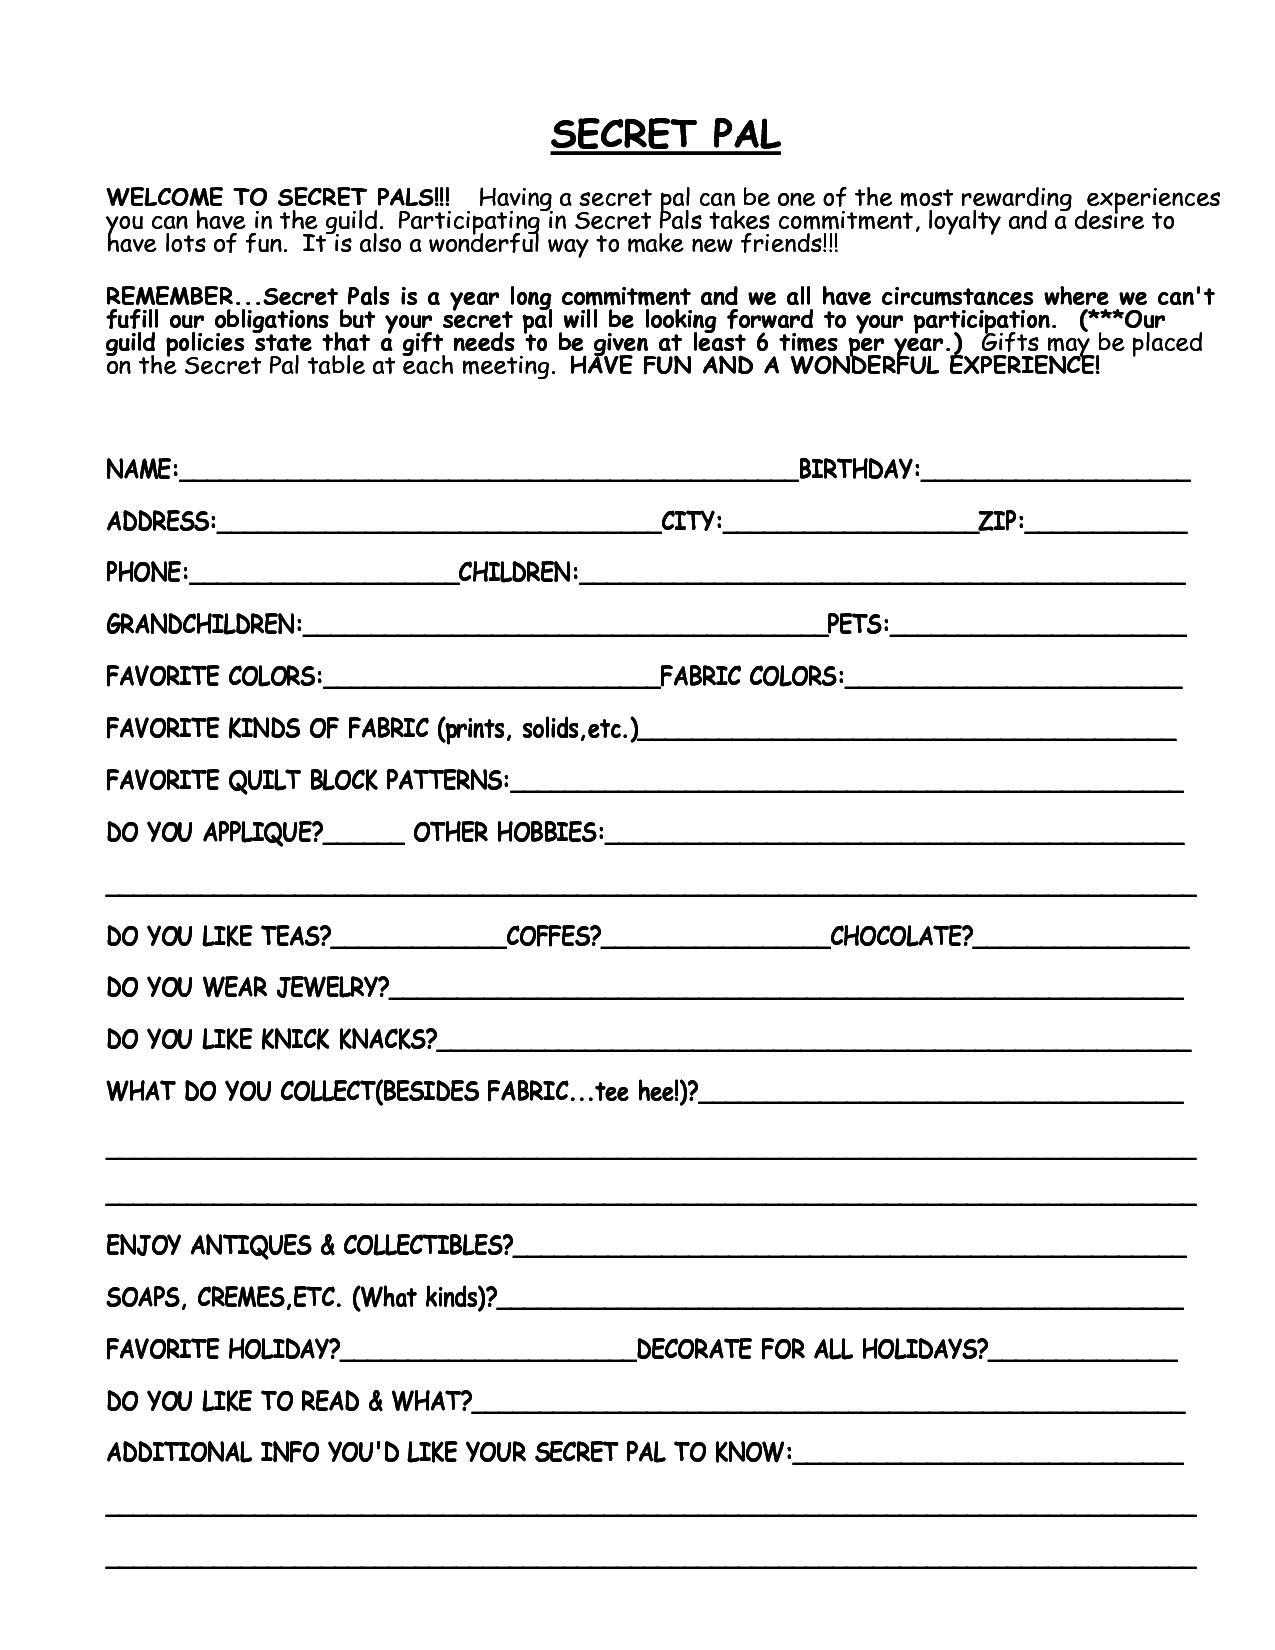 Printable Secret Santa Questionnaire Template